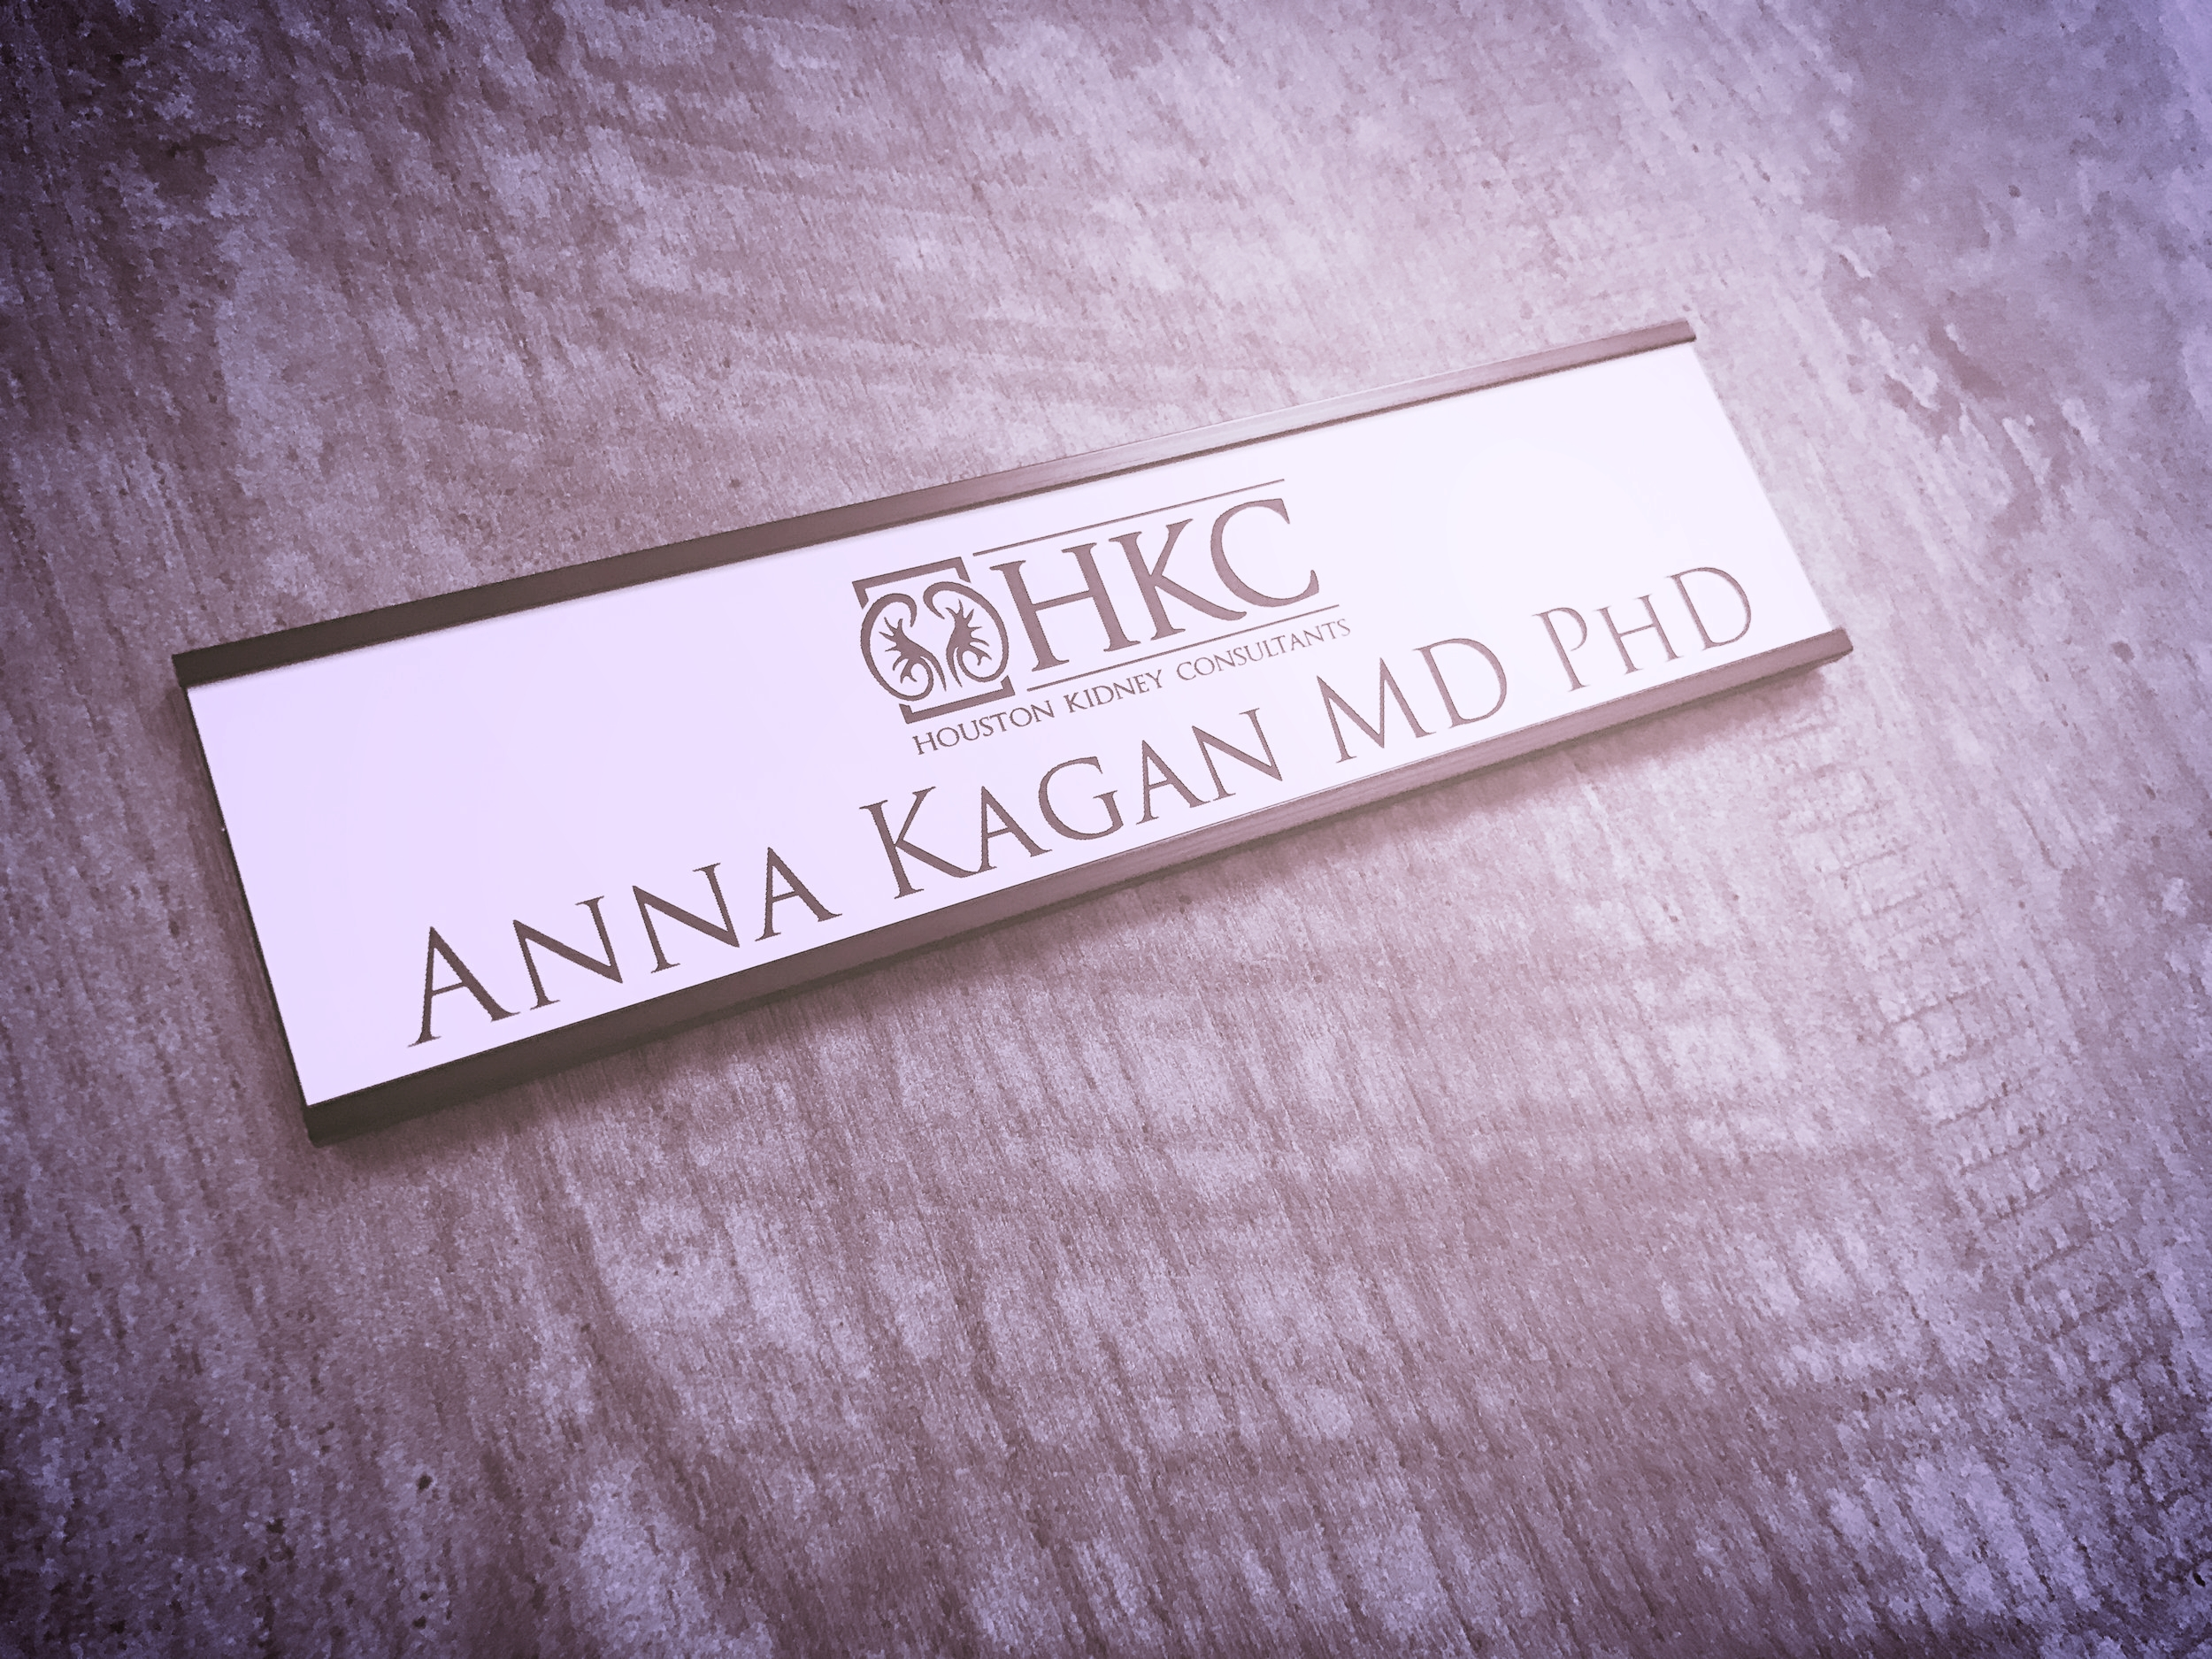 AK name.jpg